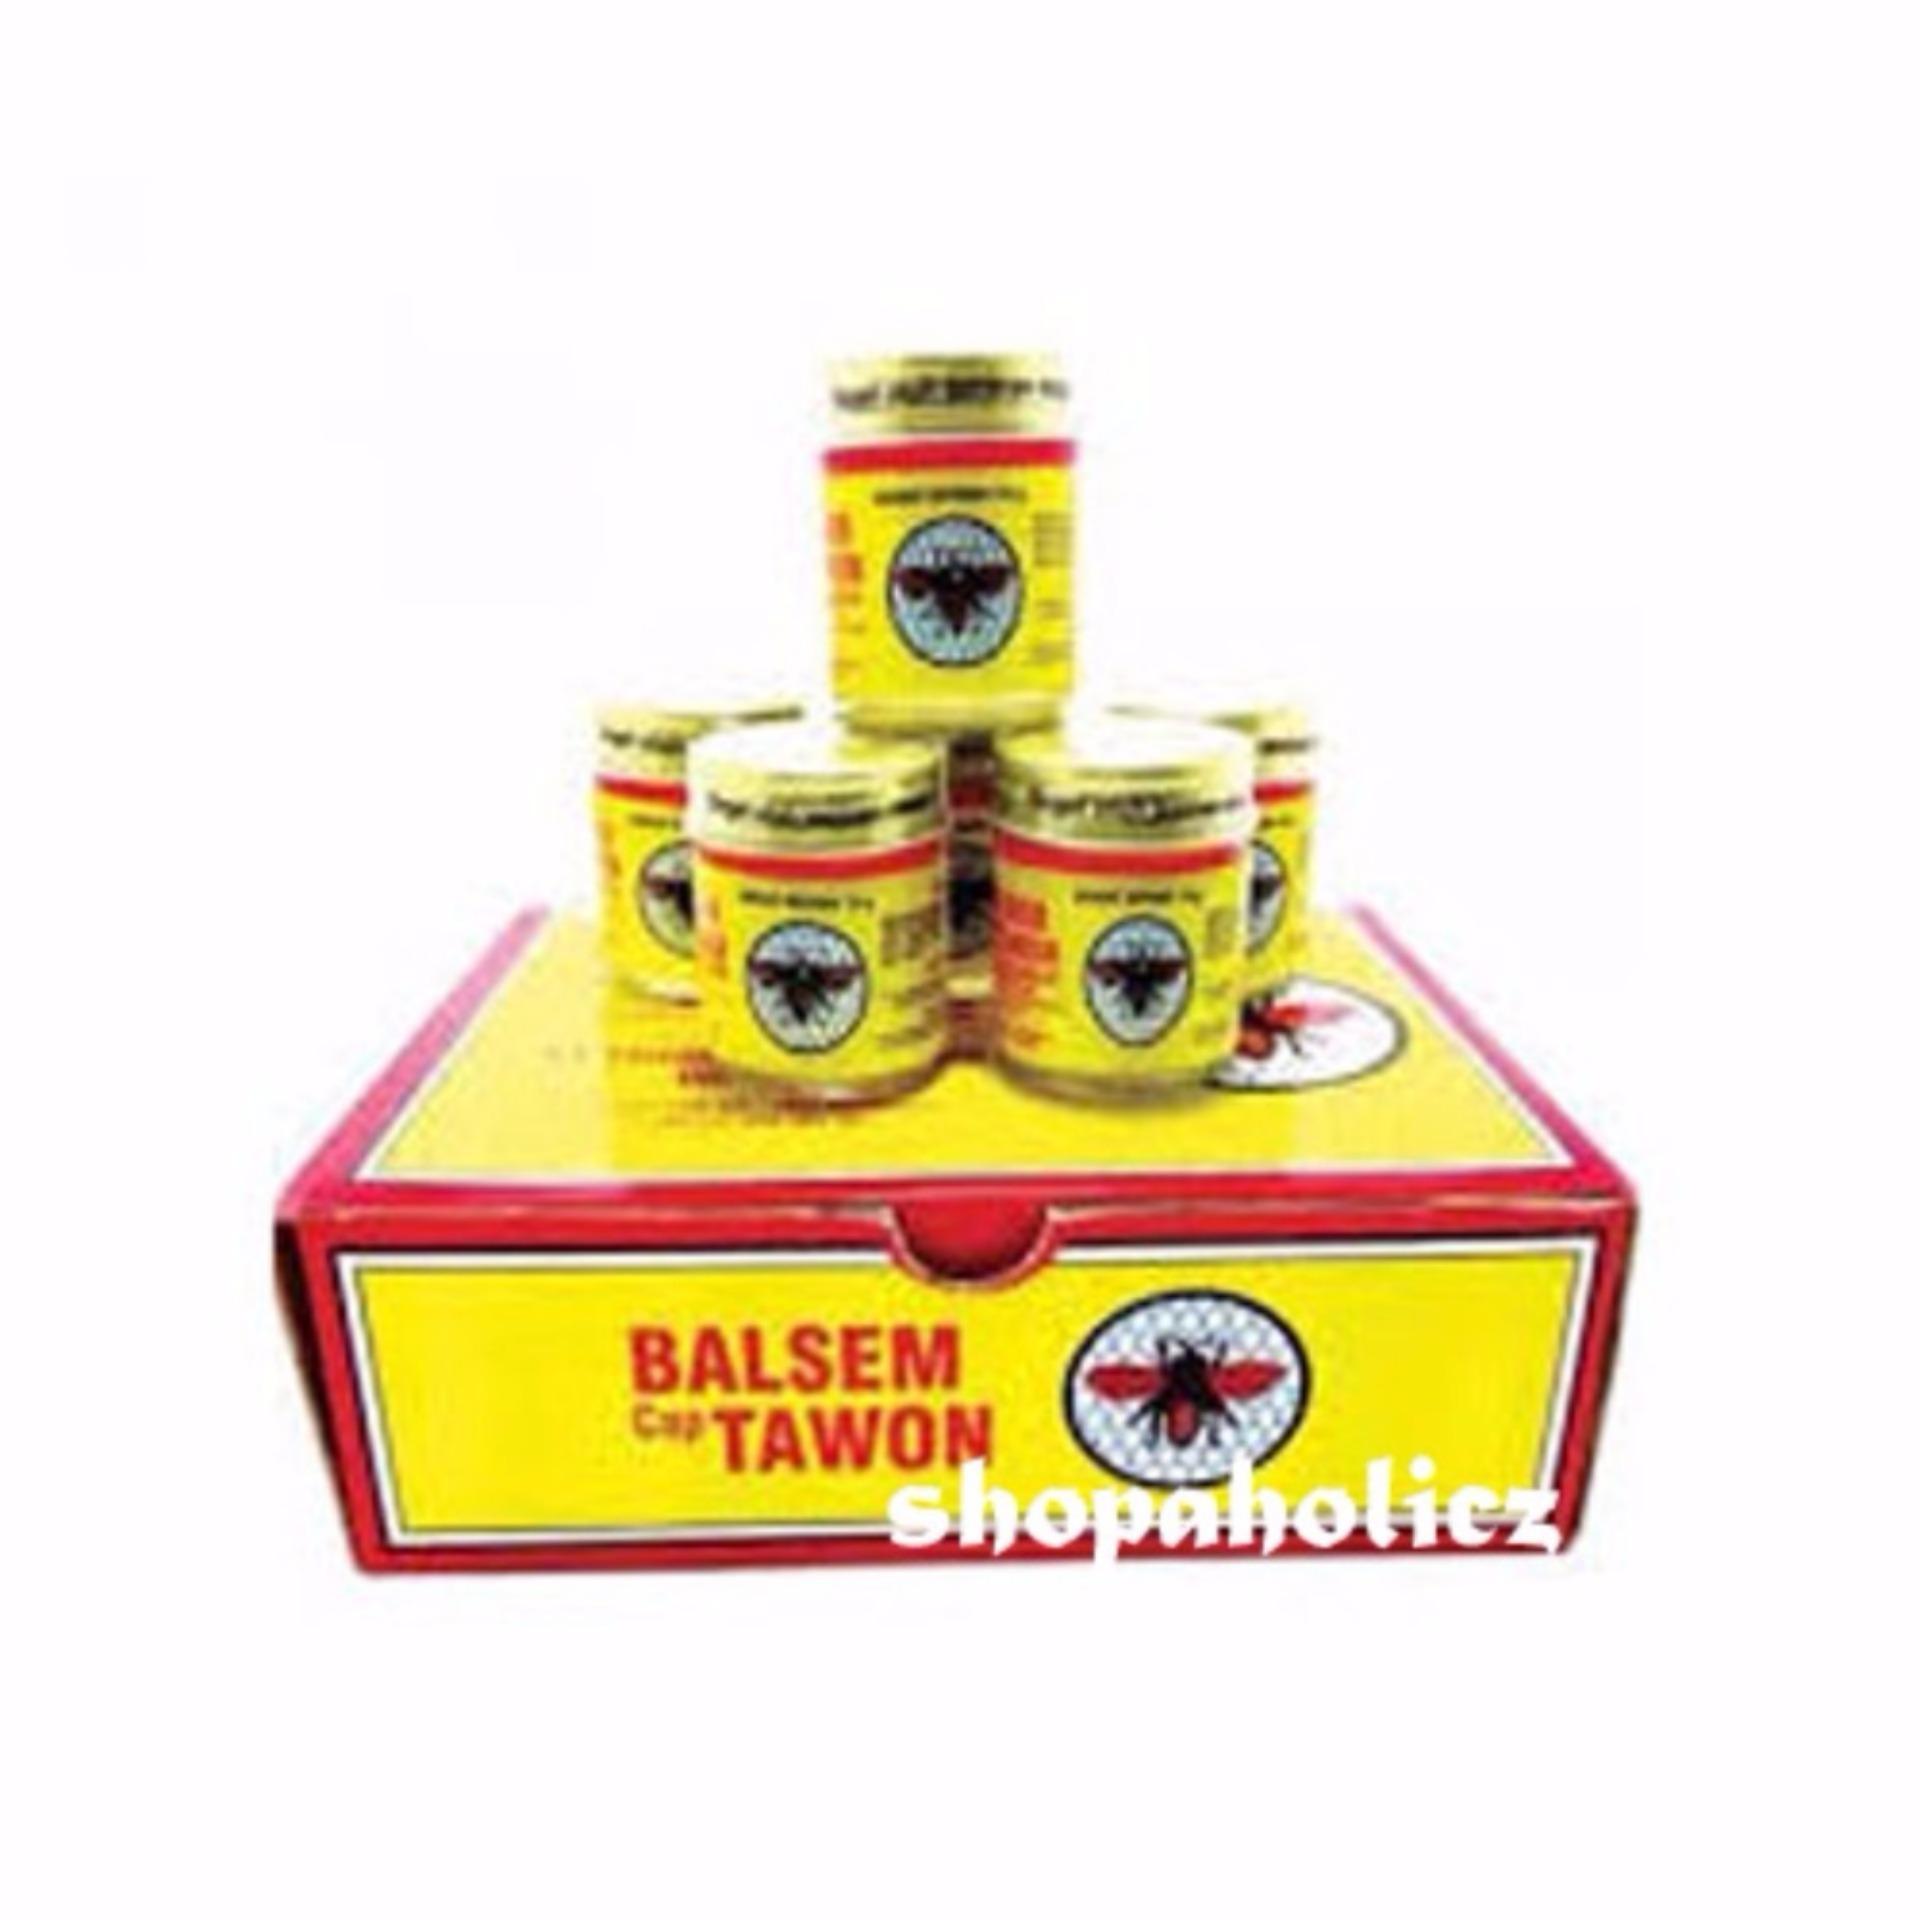 Balsem Tawon 18gr ASLI Makassar - Isi 6 Pcs